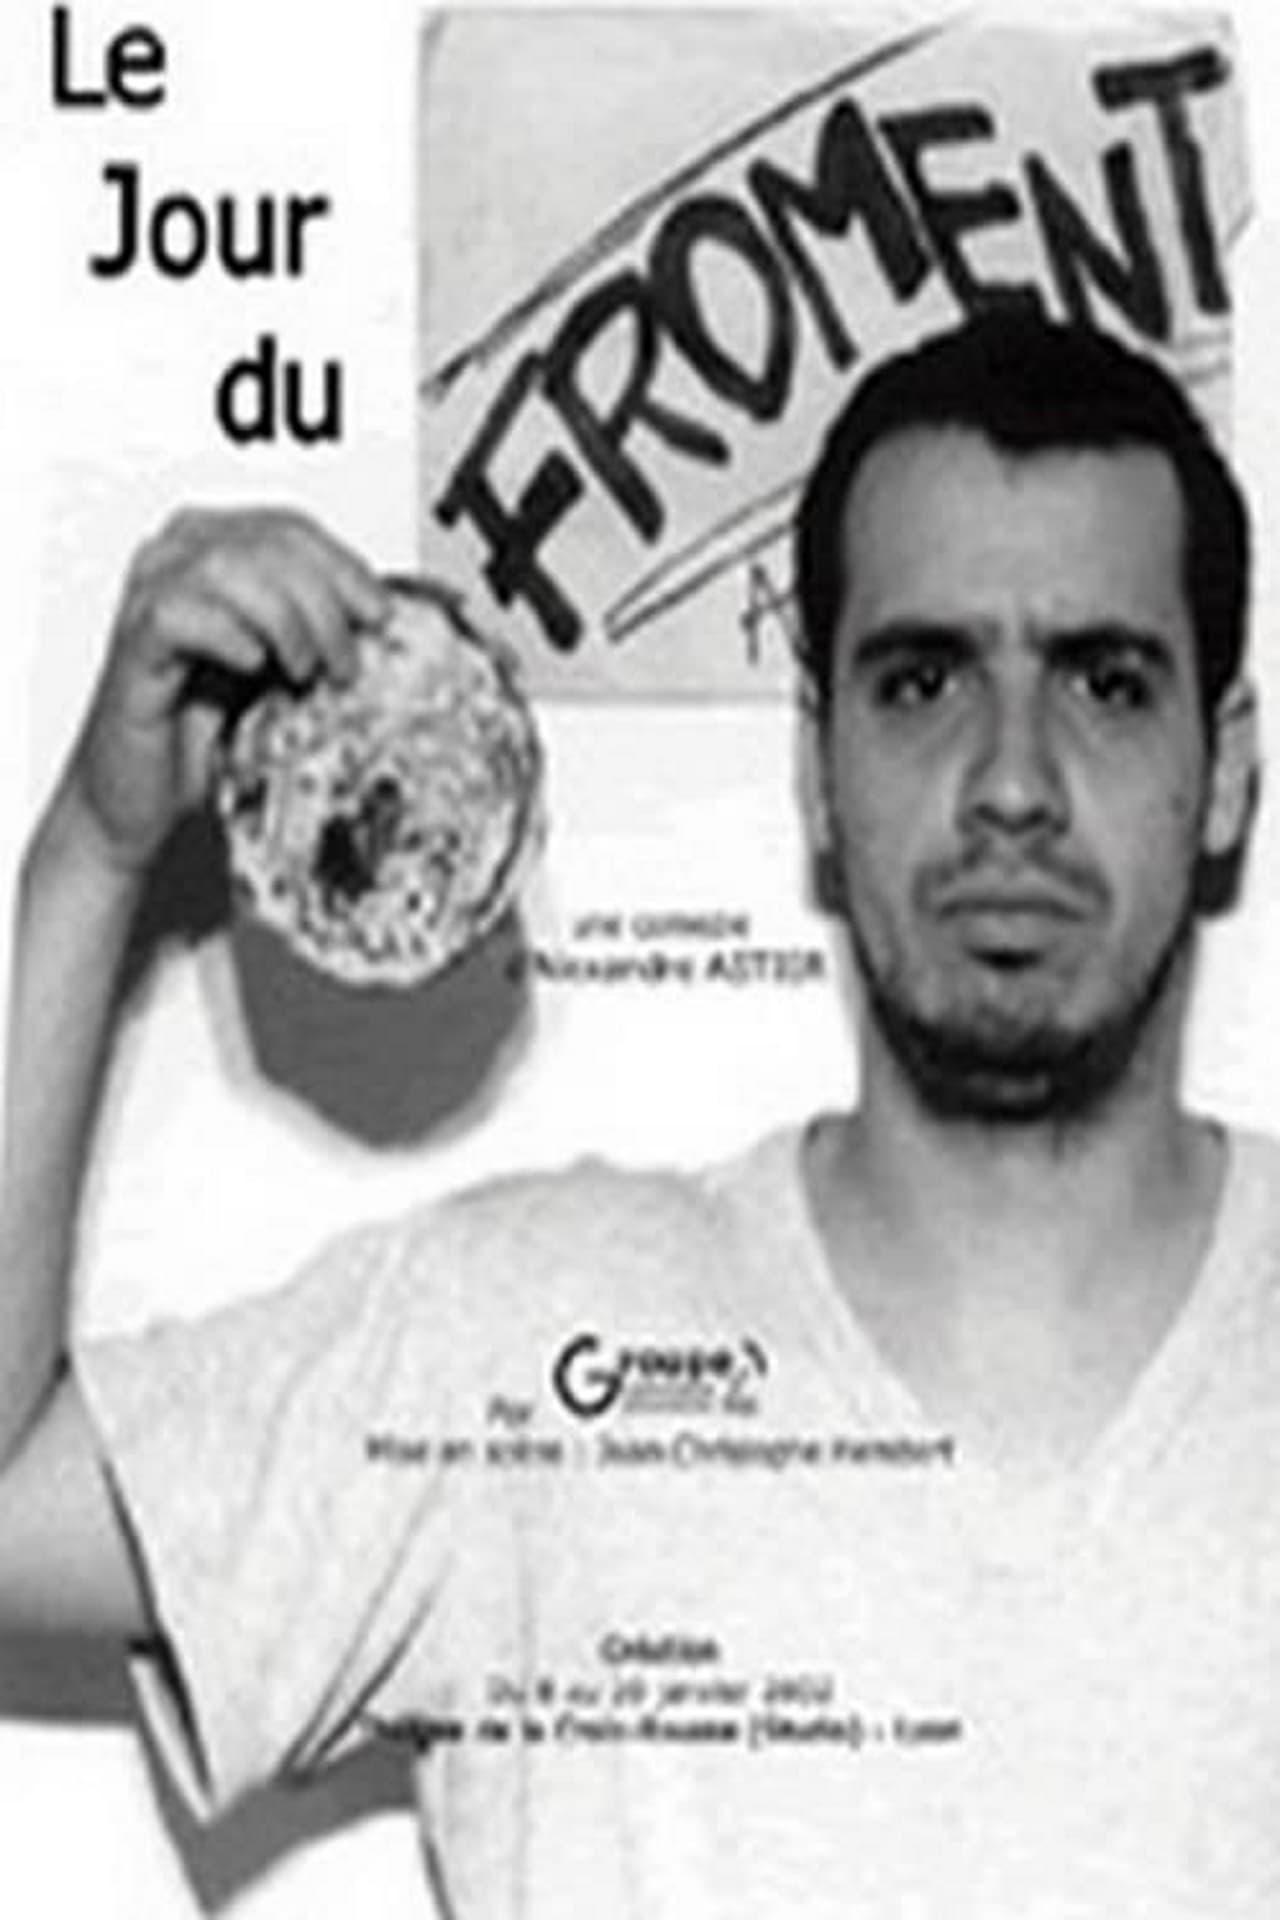 Alexandre Astier - Le jour du froment